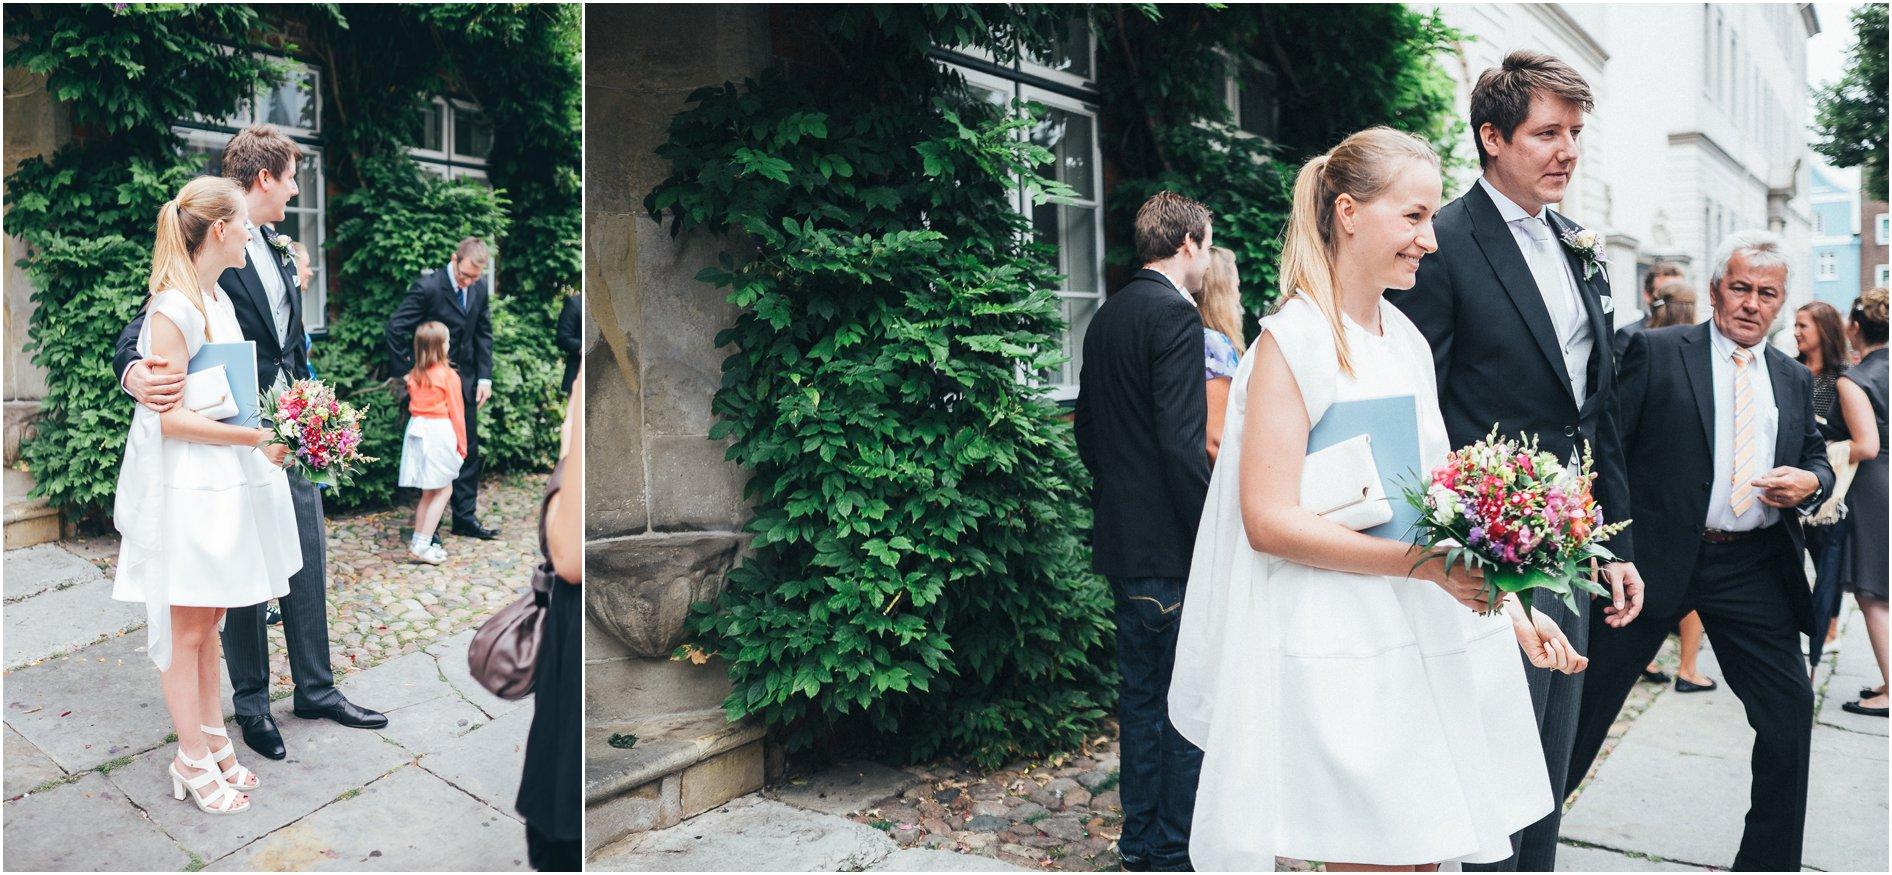 2014-10-13_0003 Jenny & Matthias - Hochzeitsfotograf auf Gut Bardenhagen